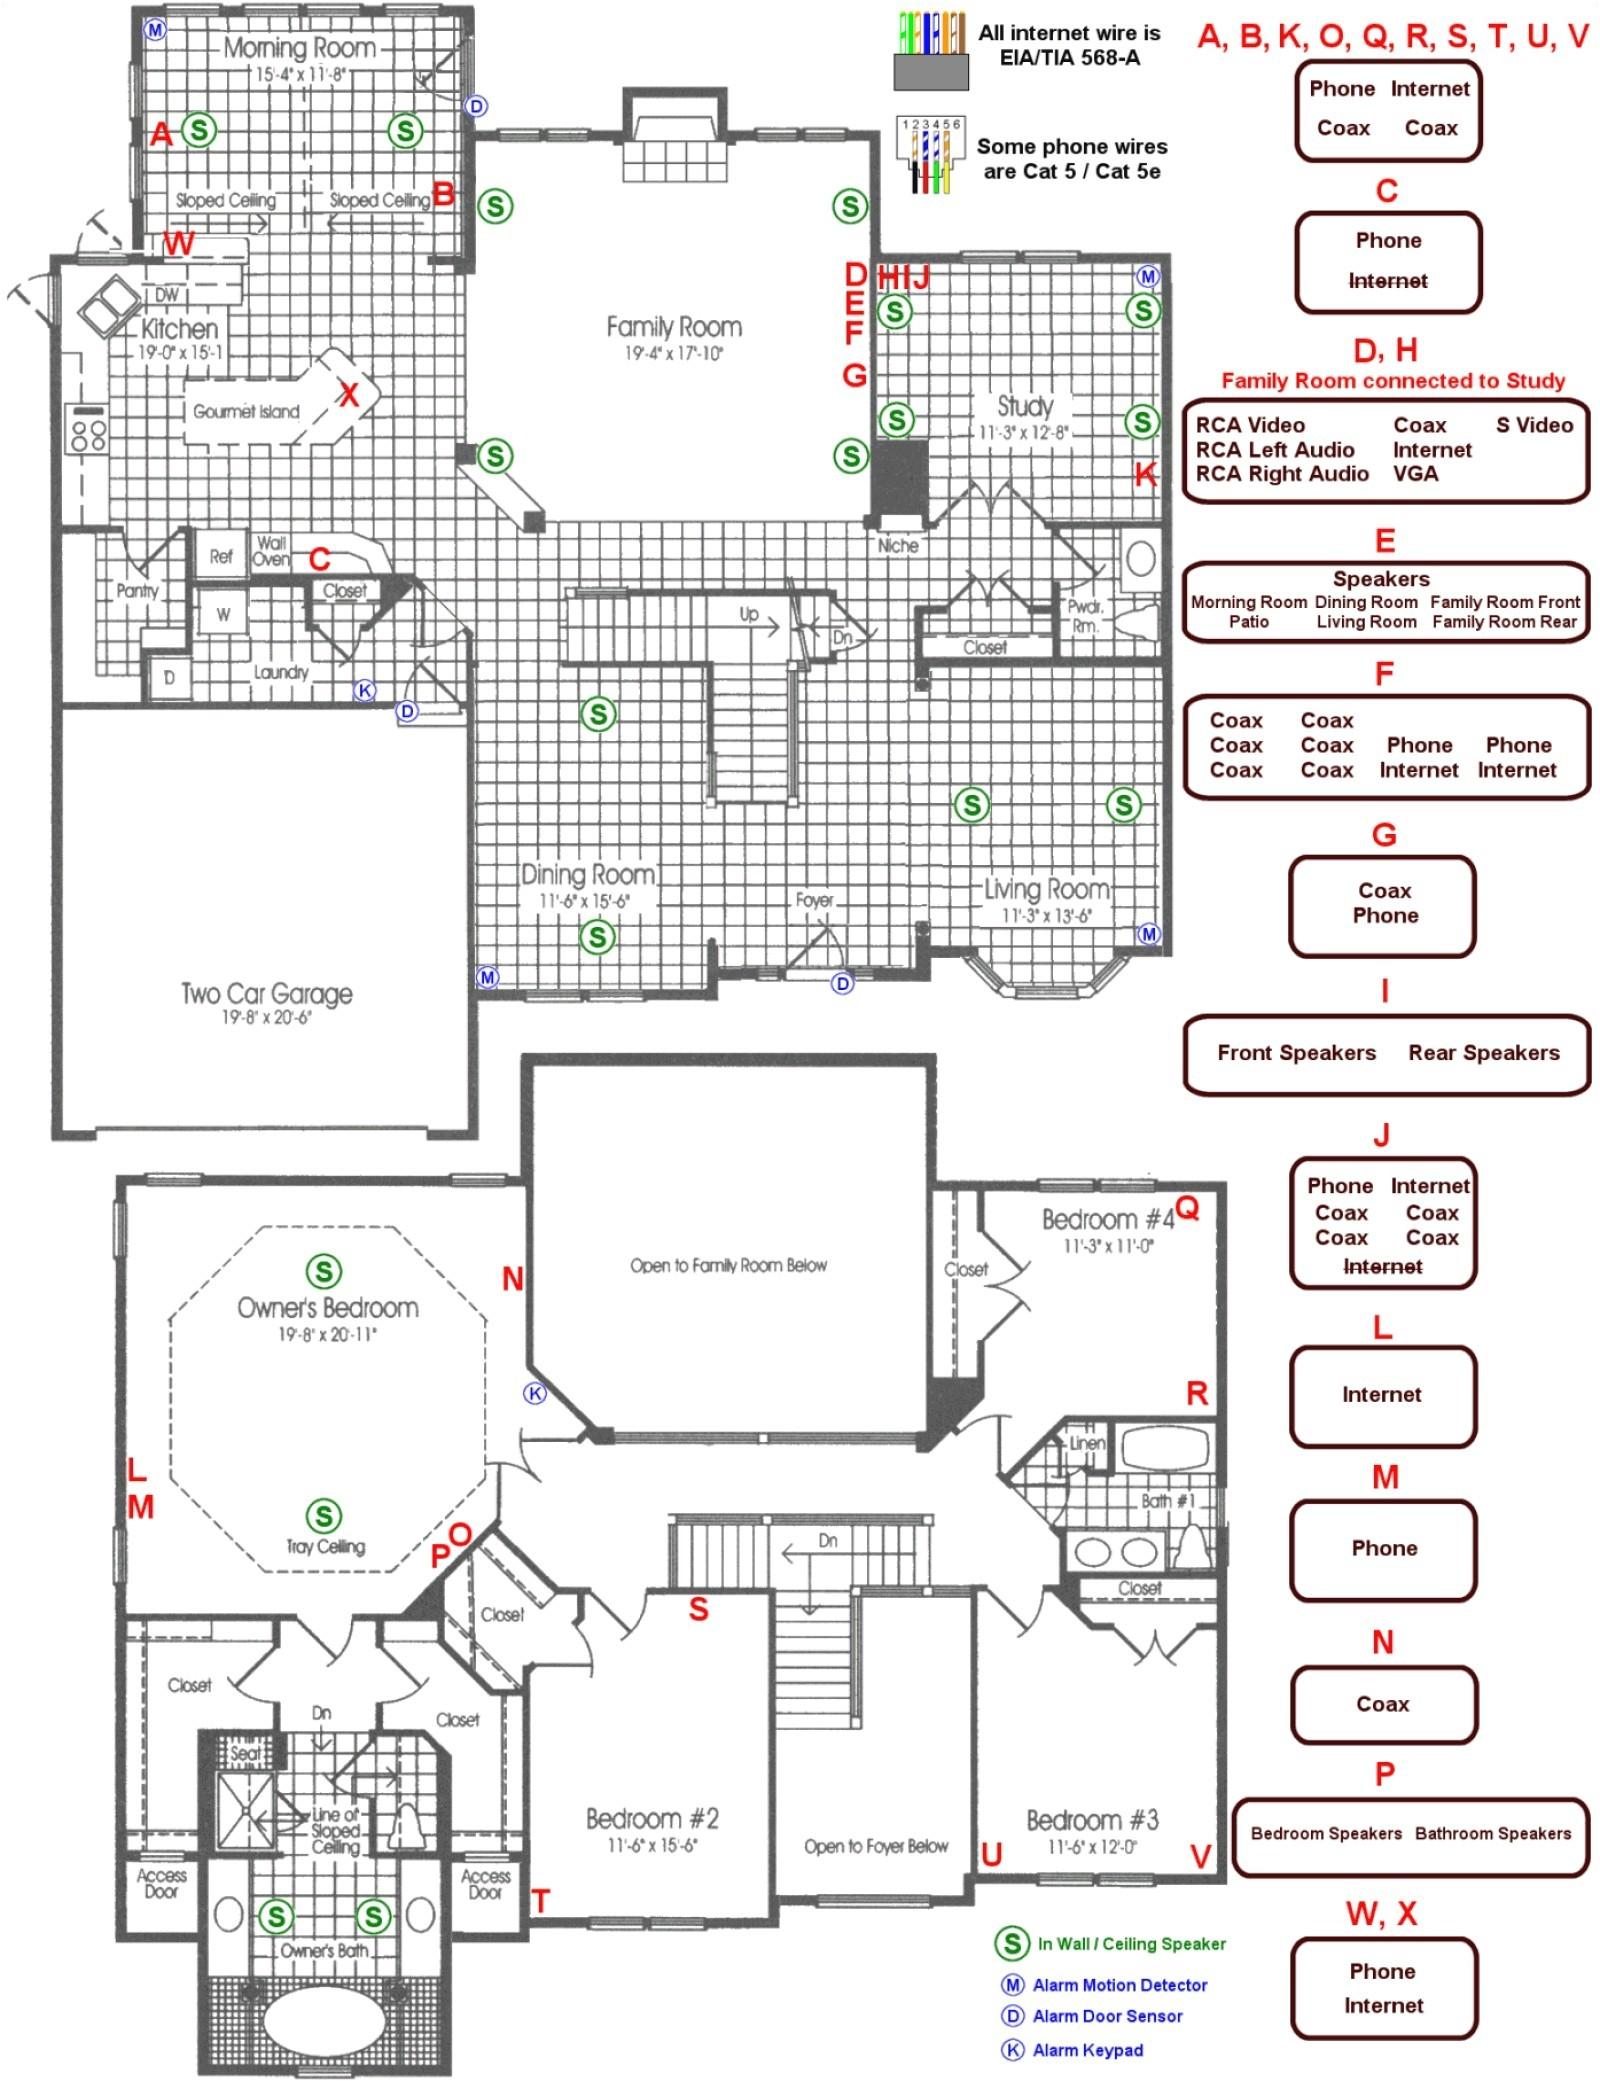 home wiring schematics wiring diagram toolbox electrical building wiring diagram pdf building electrical diagram